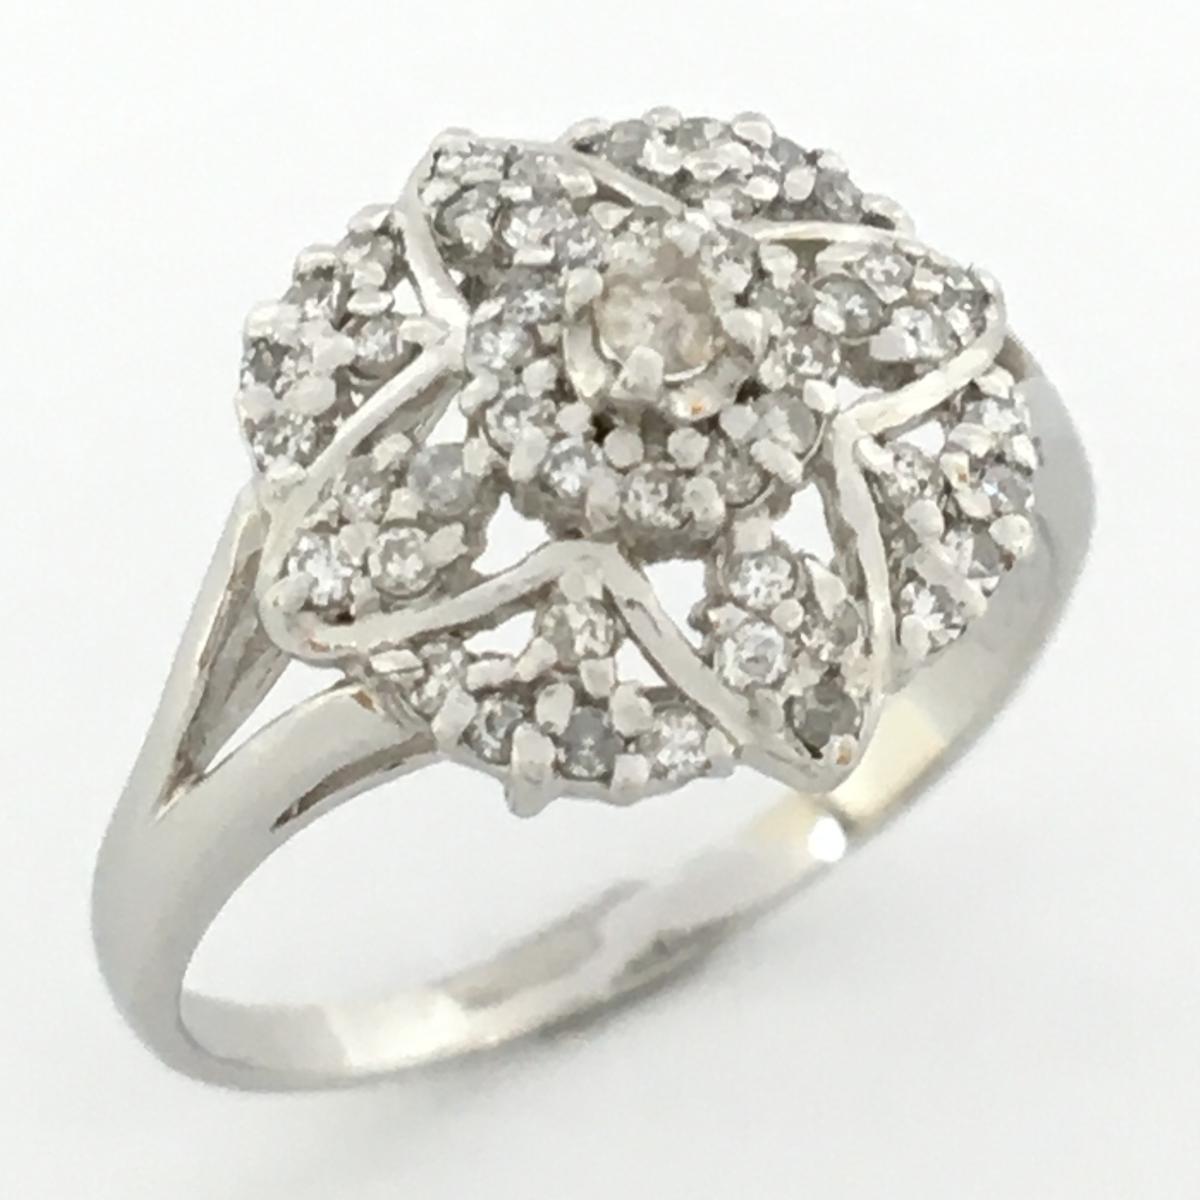 JEWELRY(ジュエリー)/ダイヤモンドリング 指輪 レディース/リング//PT900(プラチナ)×ダイヤモンド 0.40ct/【ランクS】/11号【中古】